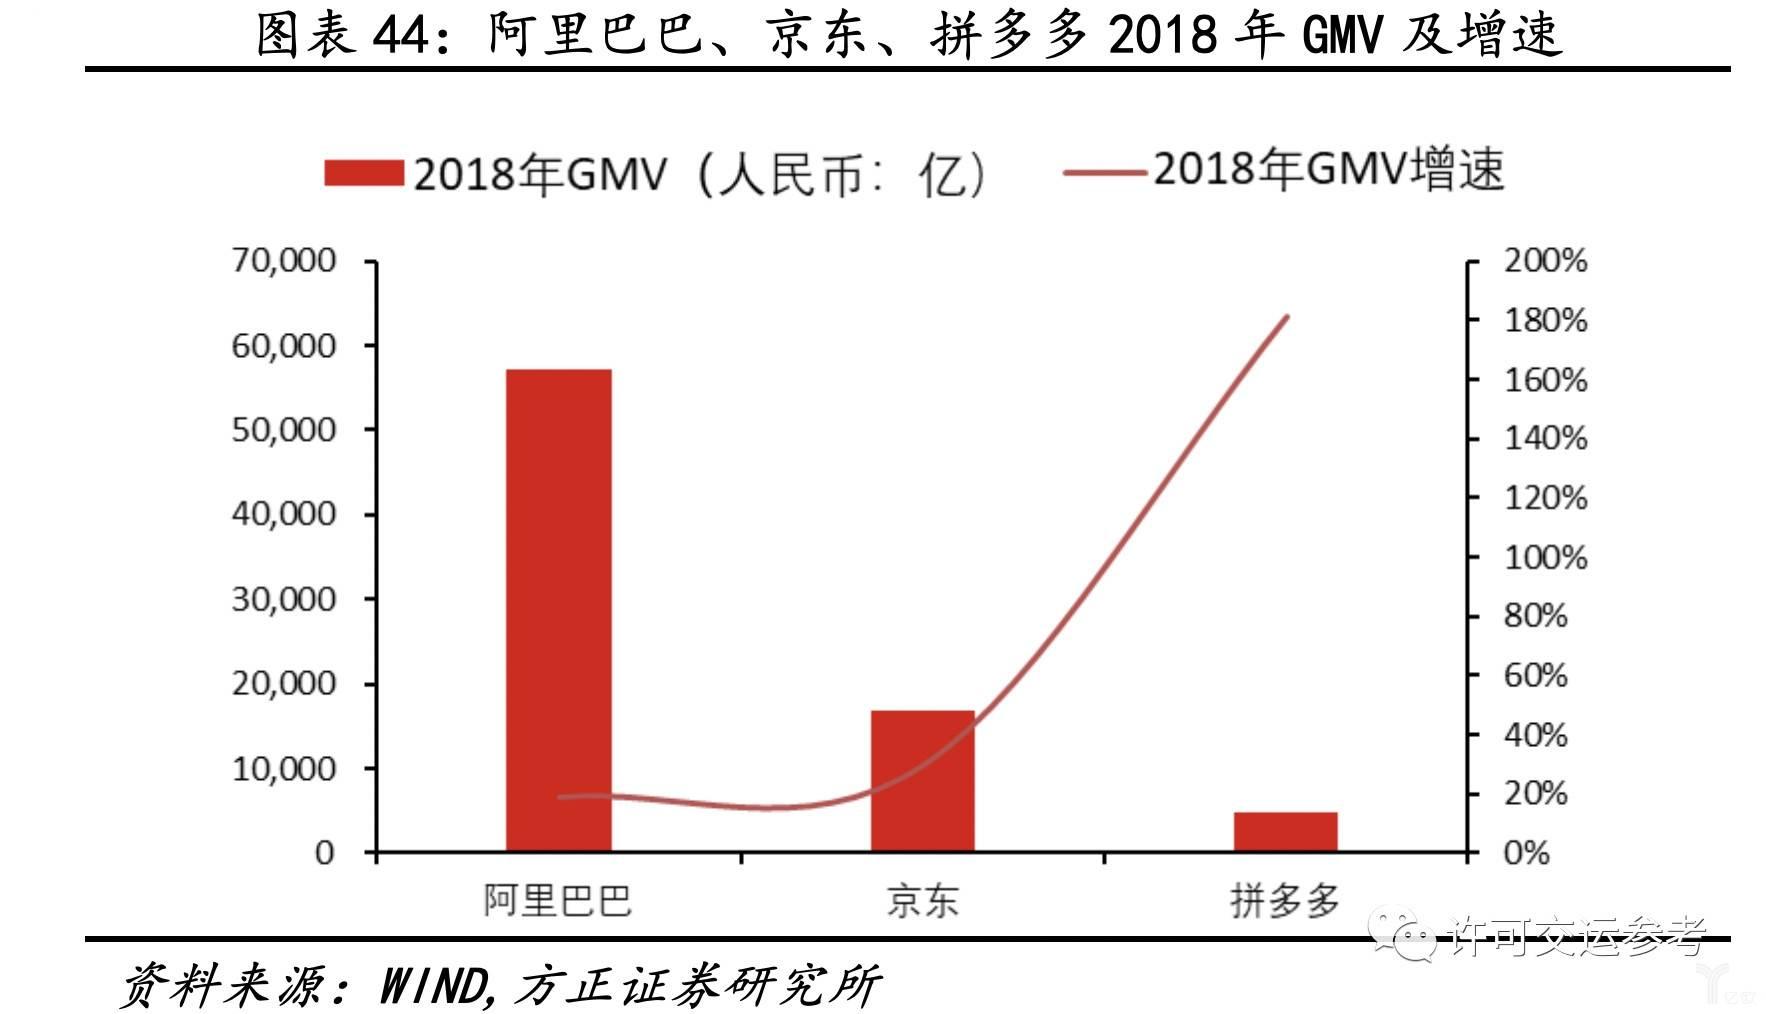 阿里、京东、拼多多2018年GMV及增速